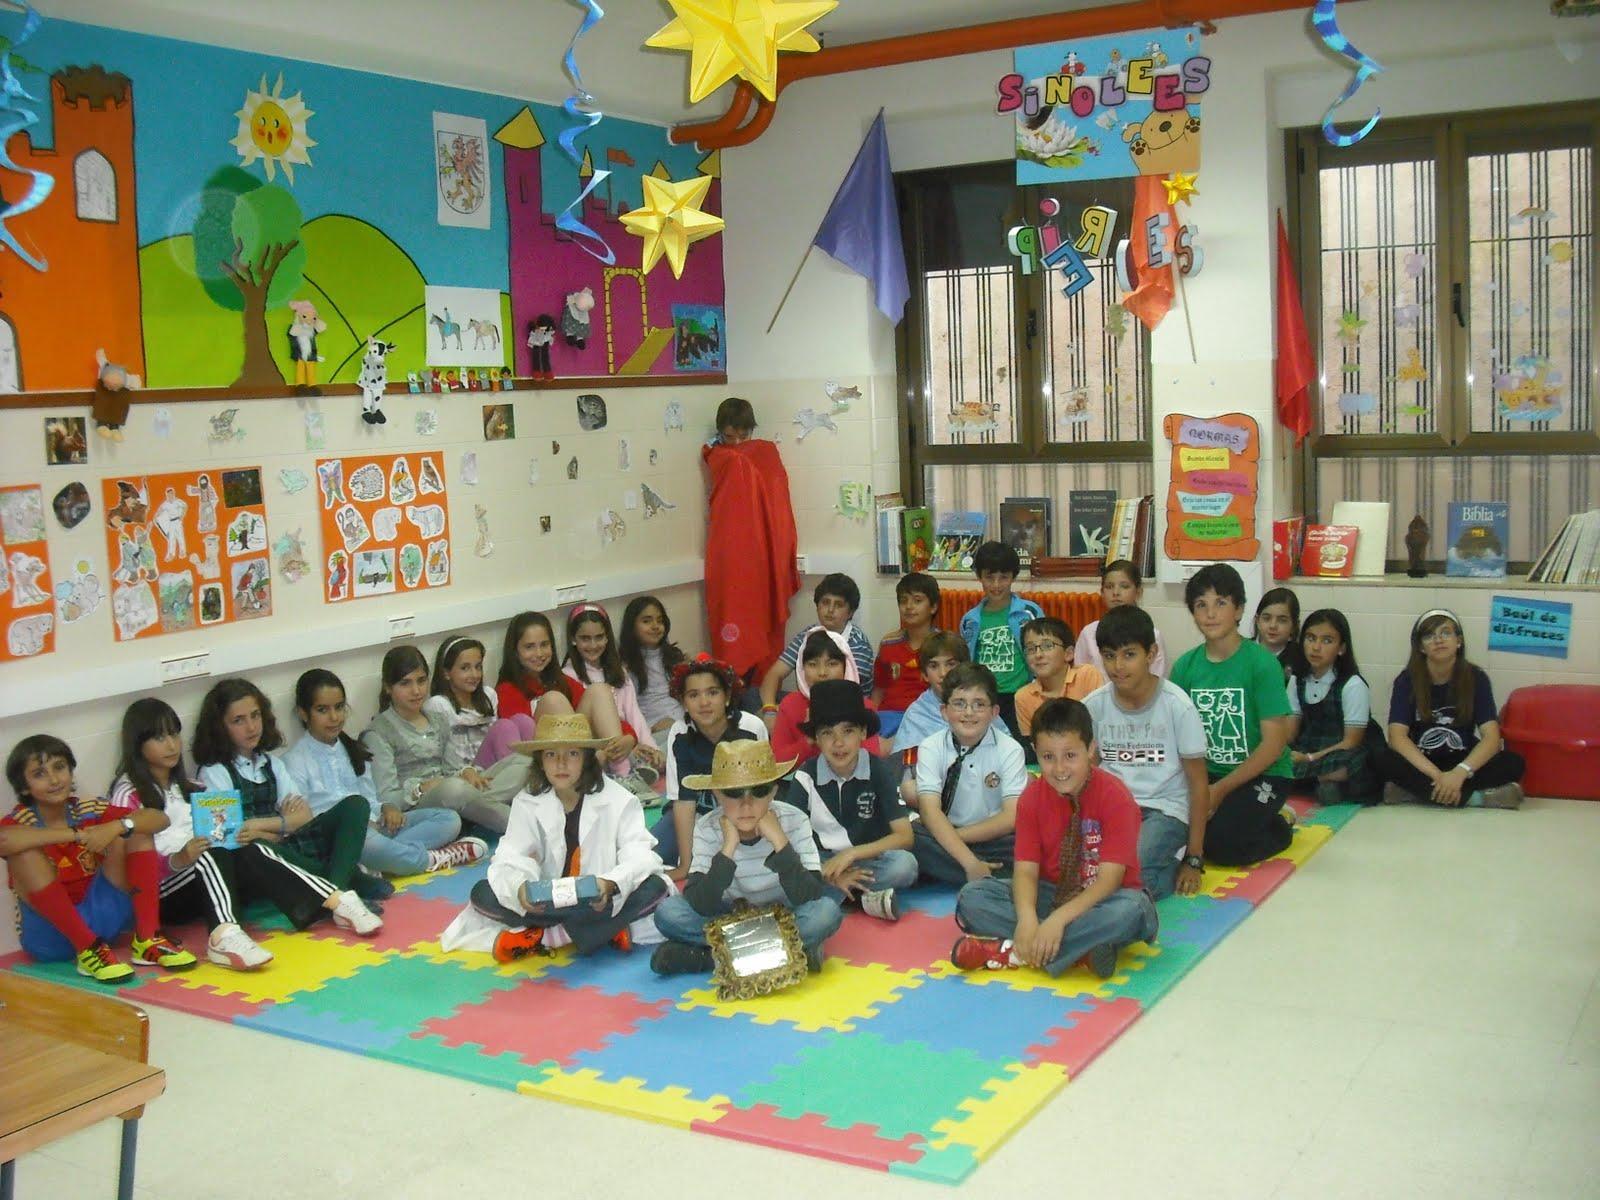 Decoraci nes para el salon de clases de primaria imagui for Actividades para el salon de clases de primaria